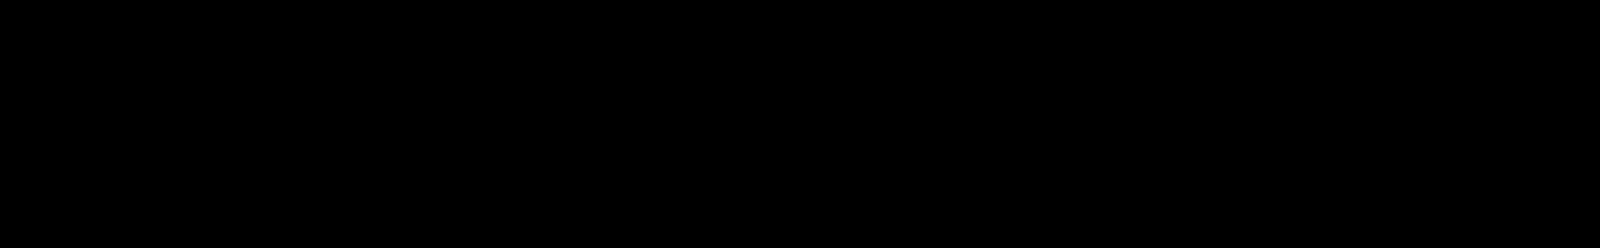 Screen Shot 2018-08-06 at 3.48.21 PM.png